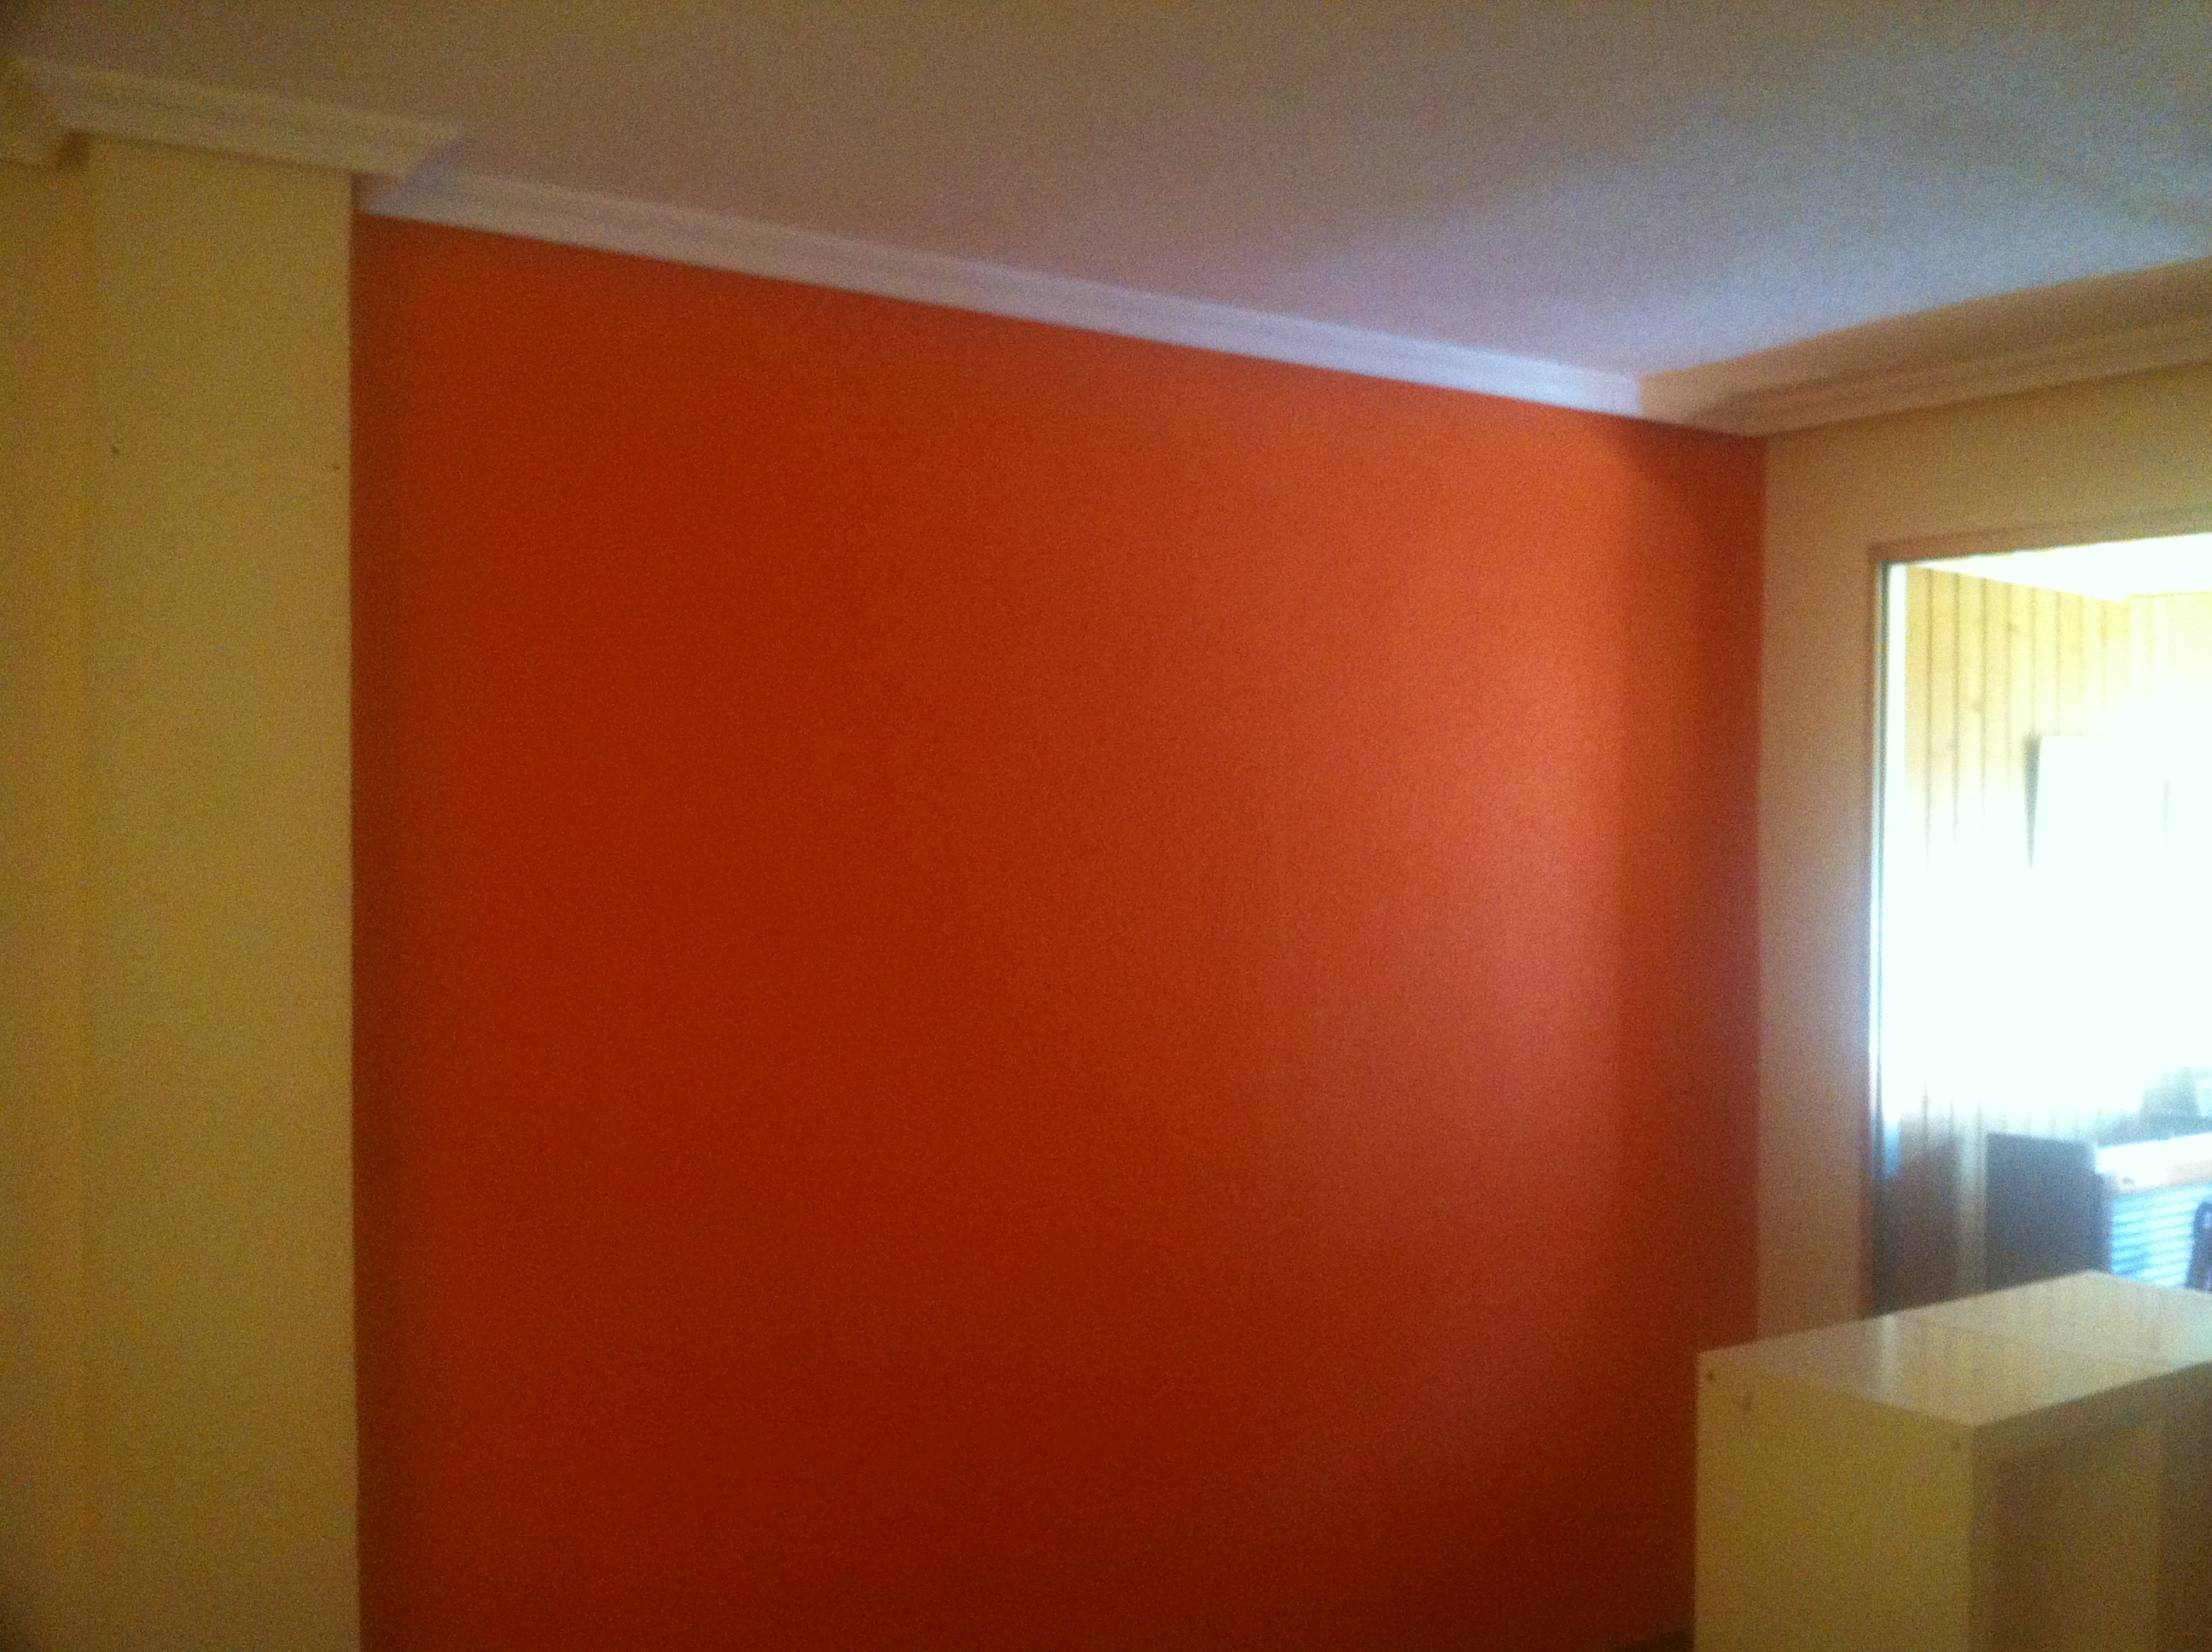 Pintura plastica color crema y naranja pintores en for Presupuesto para pintar